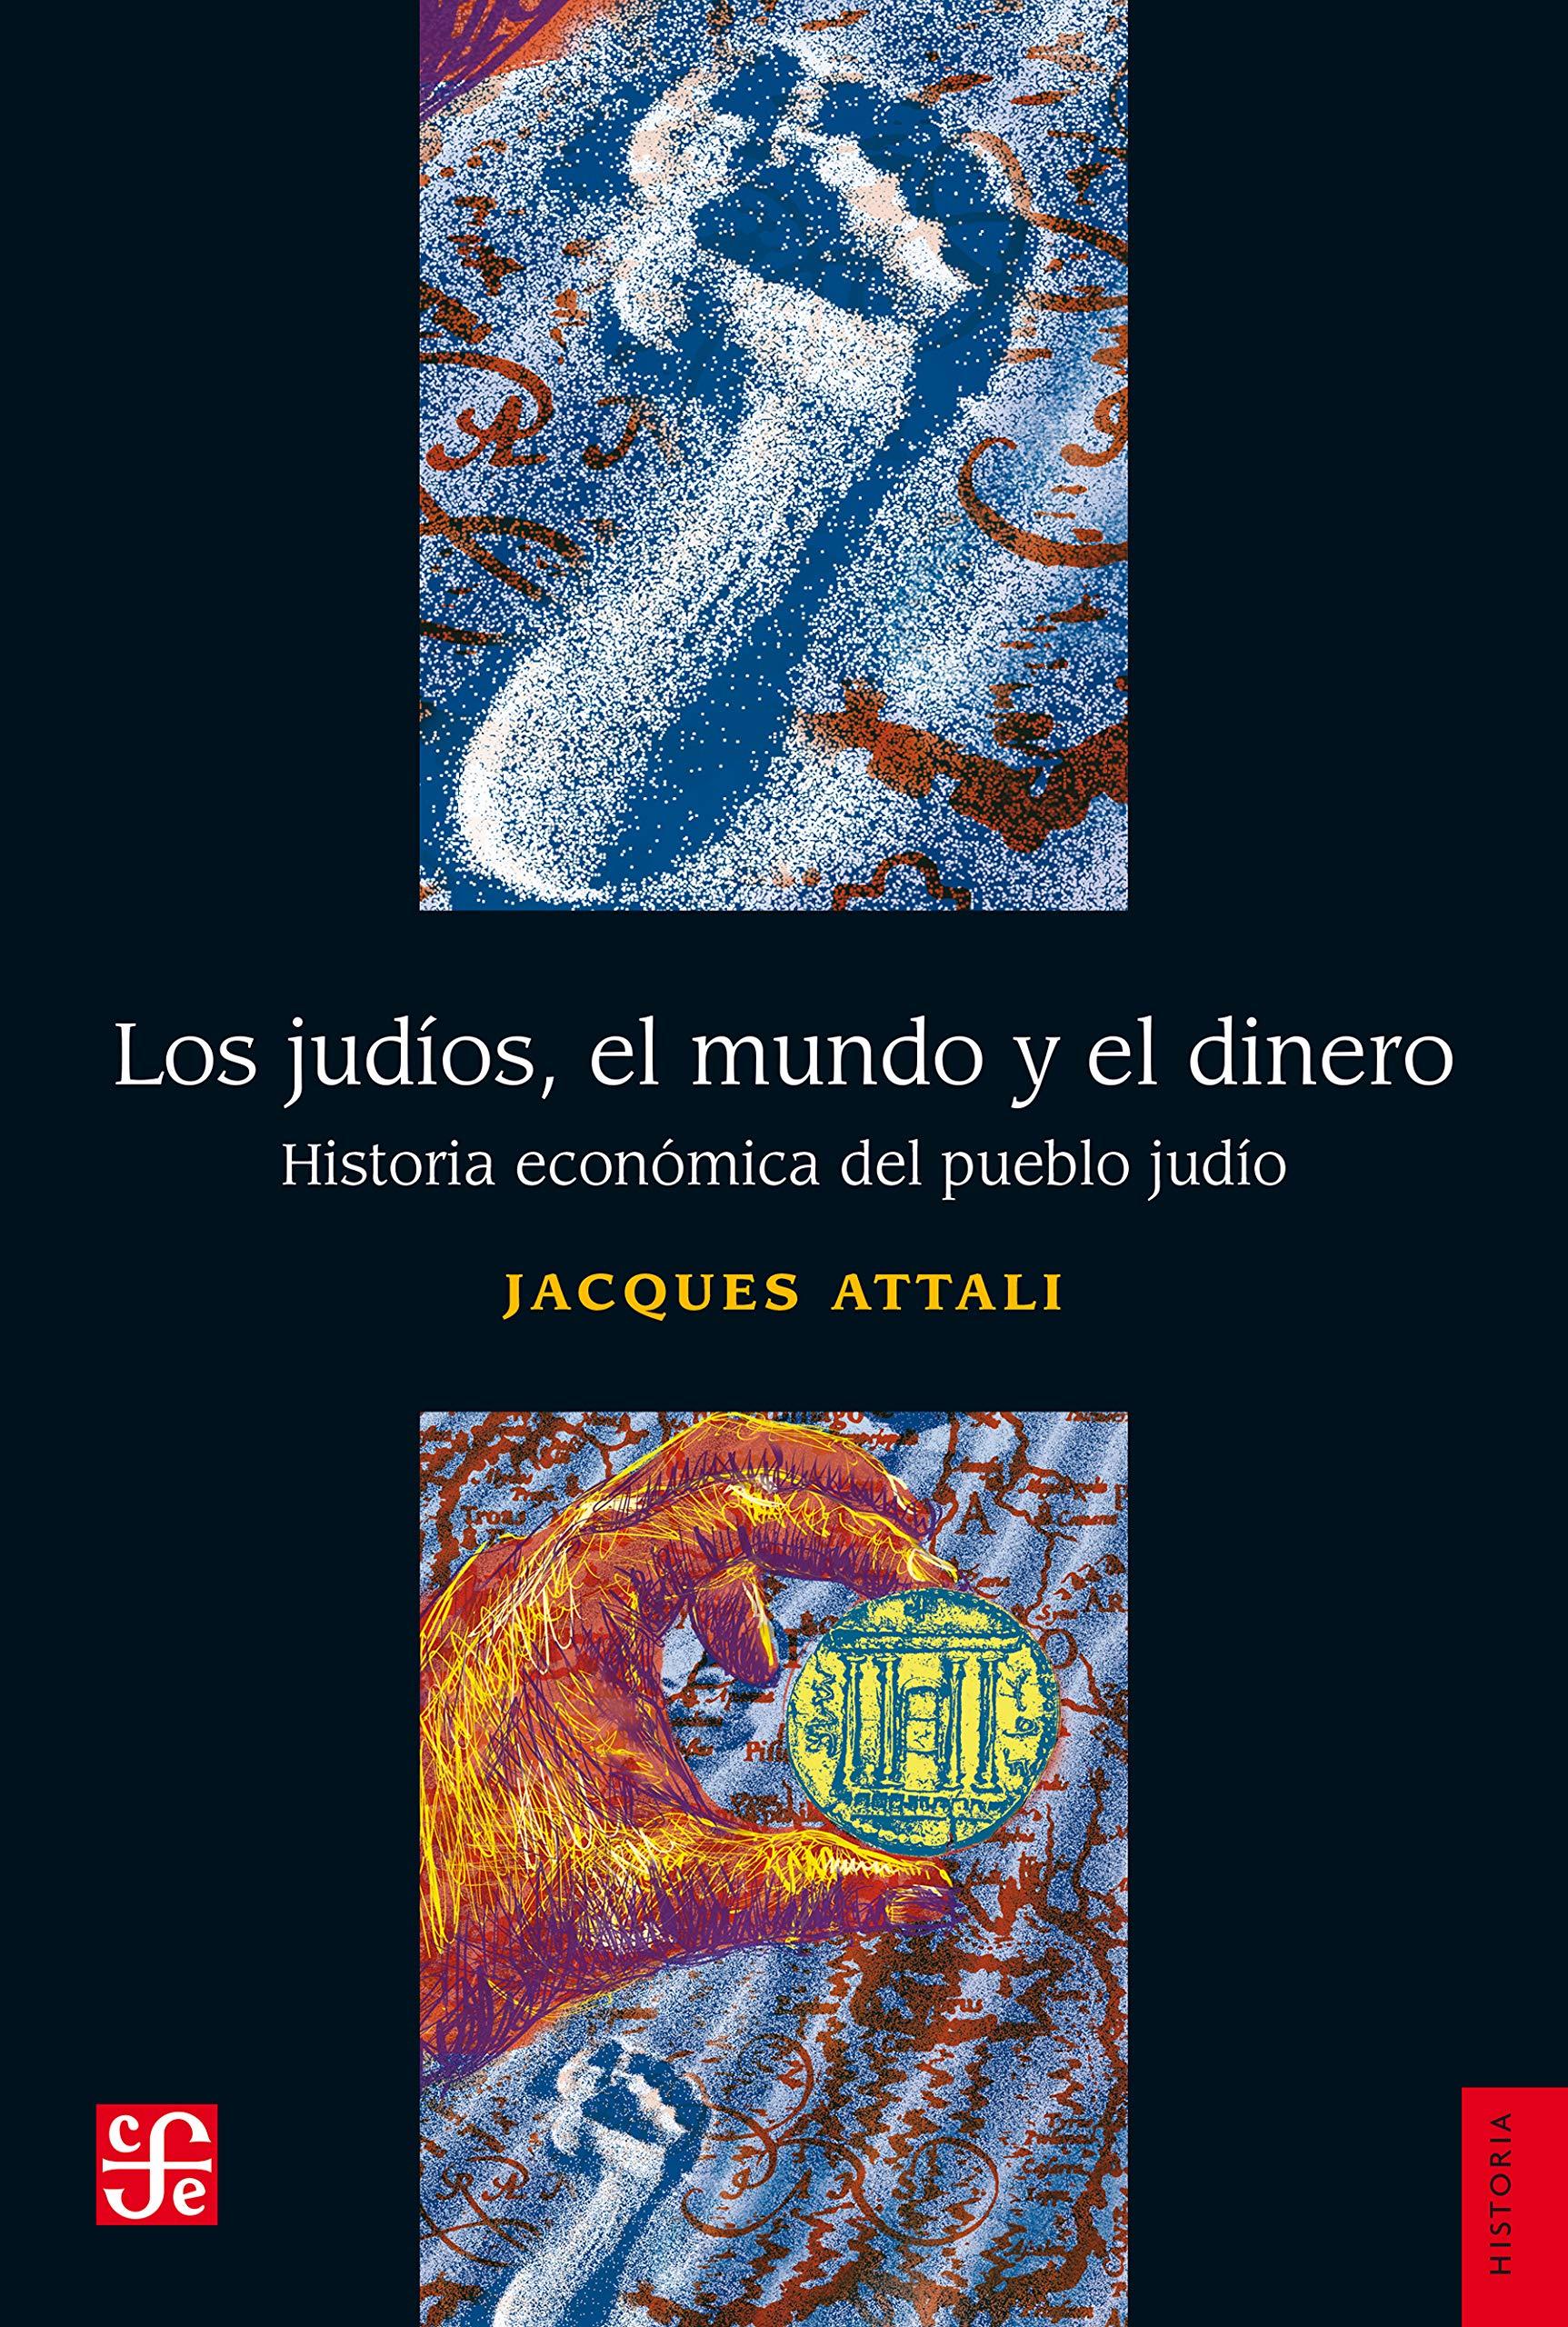 Los judíos, el mundo y el dinero. Historia económica del pueblo judío (Spanish Edition)